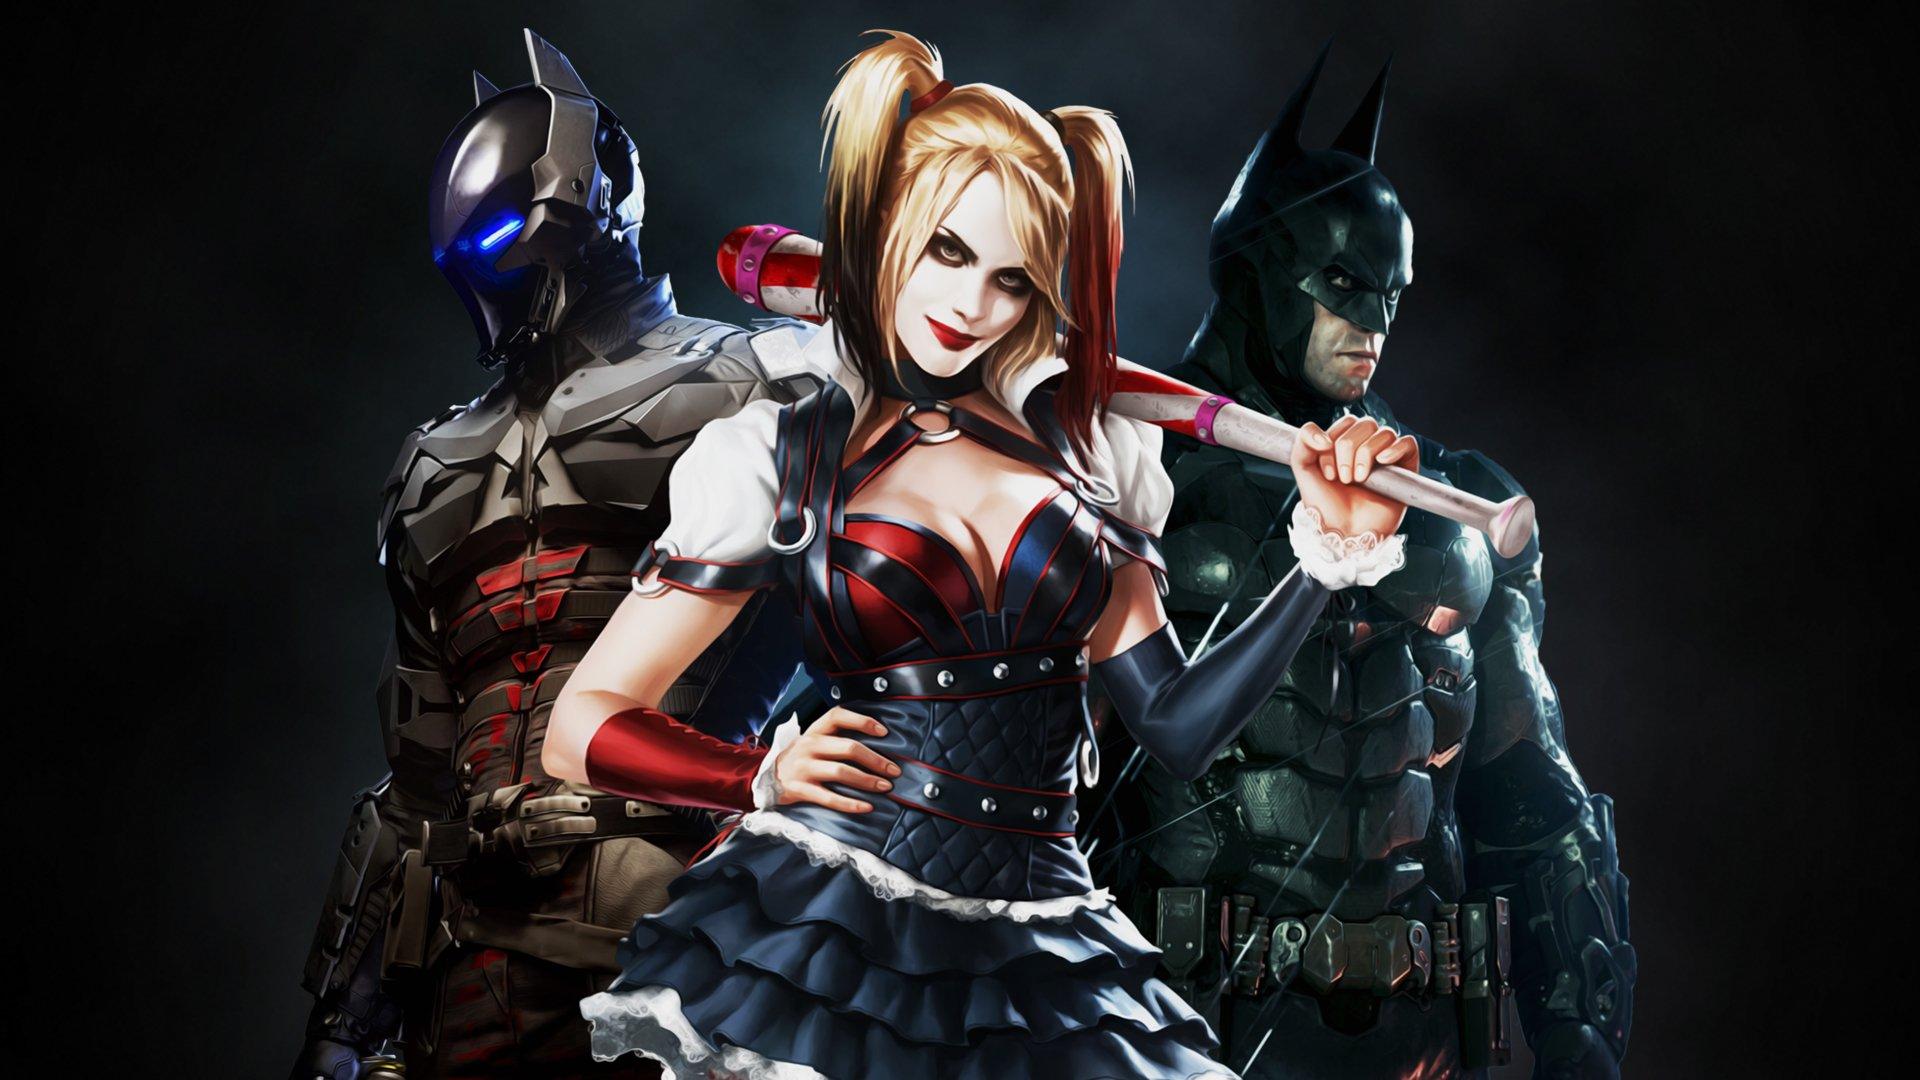 Batman Arkham City Wallpaper Arlequina: Arkham Knight, Harley Quinn, Batman Bilgisayar Duvar